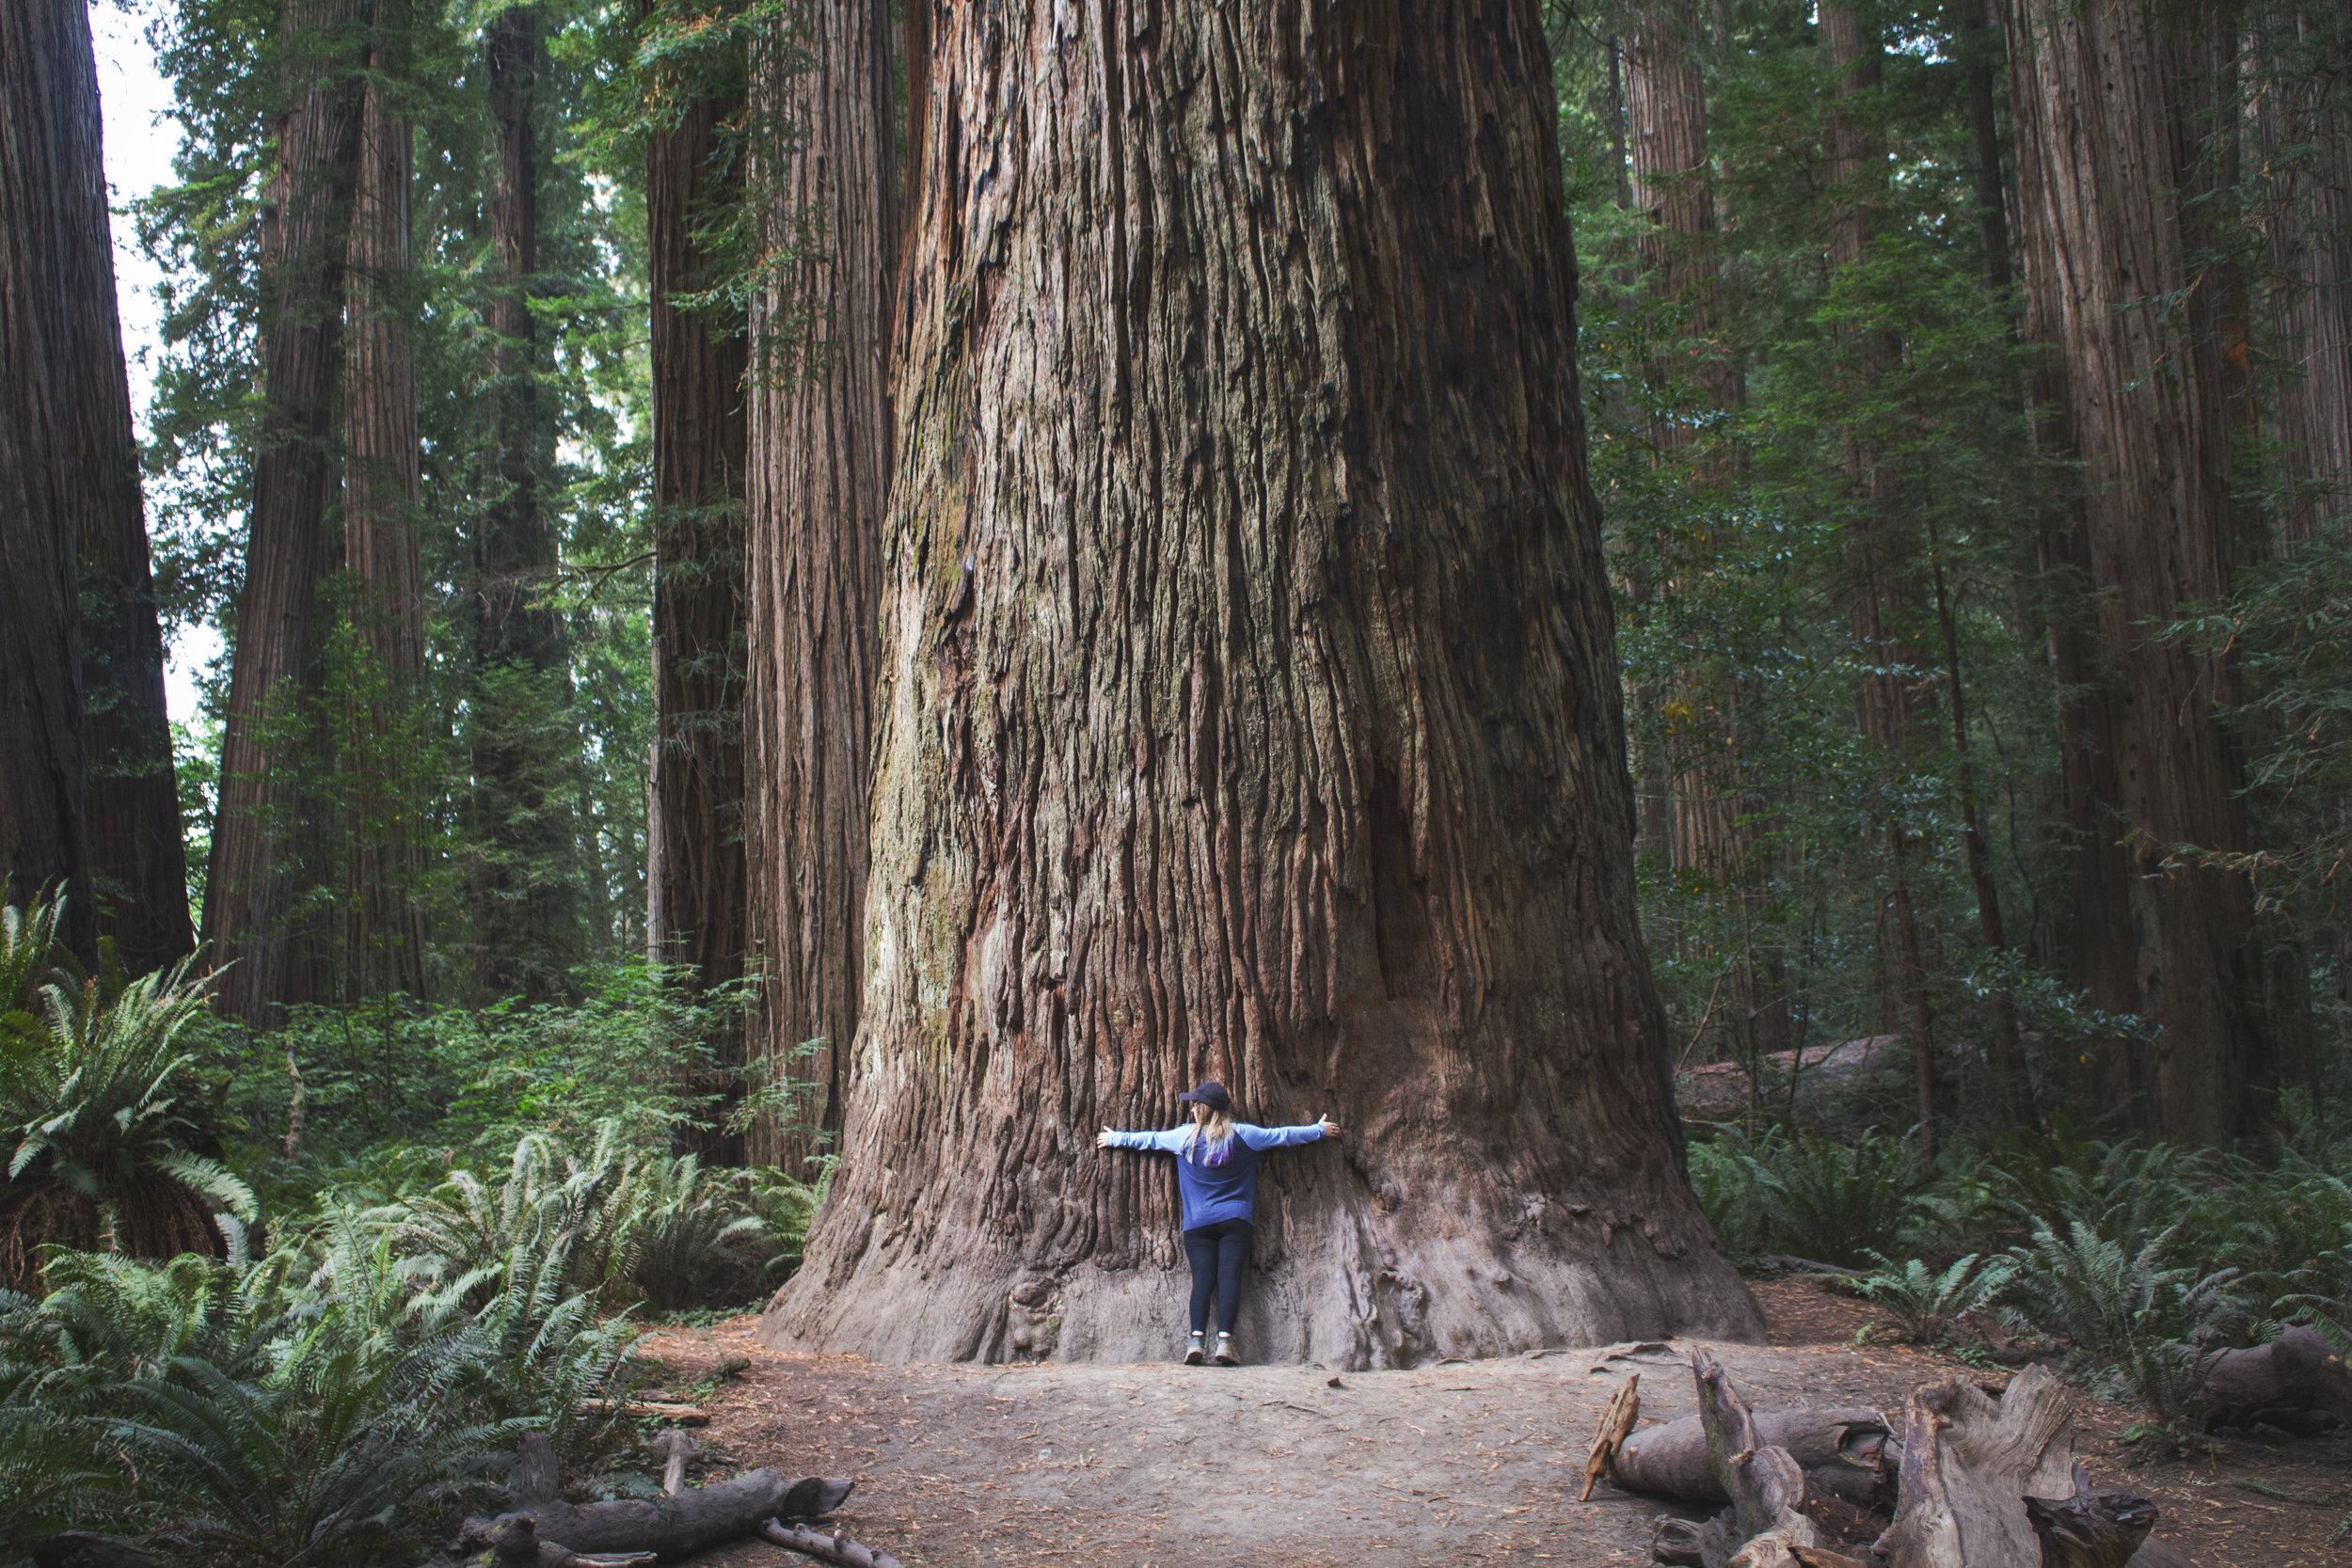 2+Redwoods+2017_086.jpg